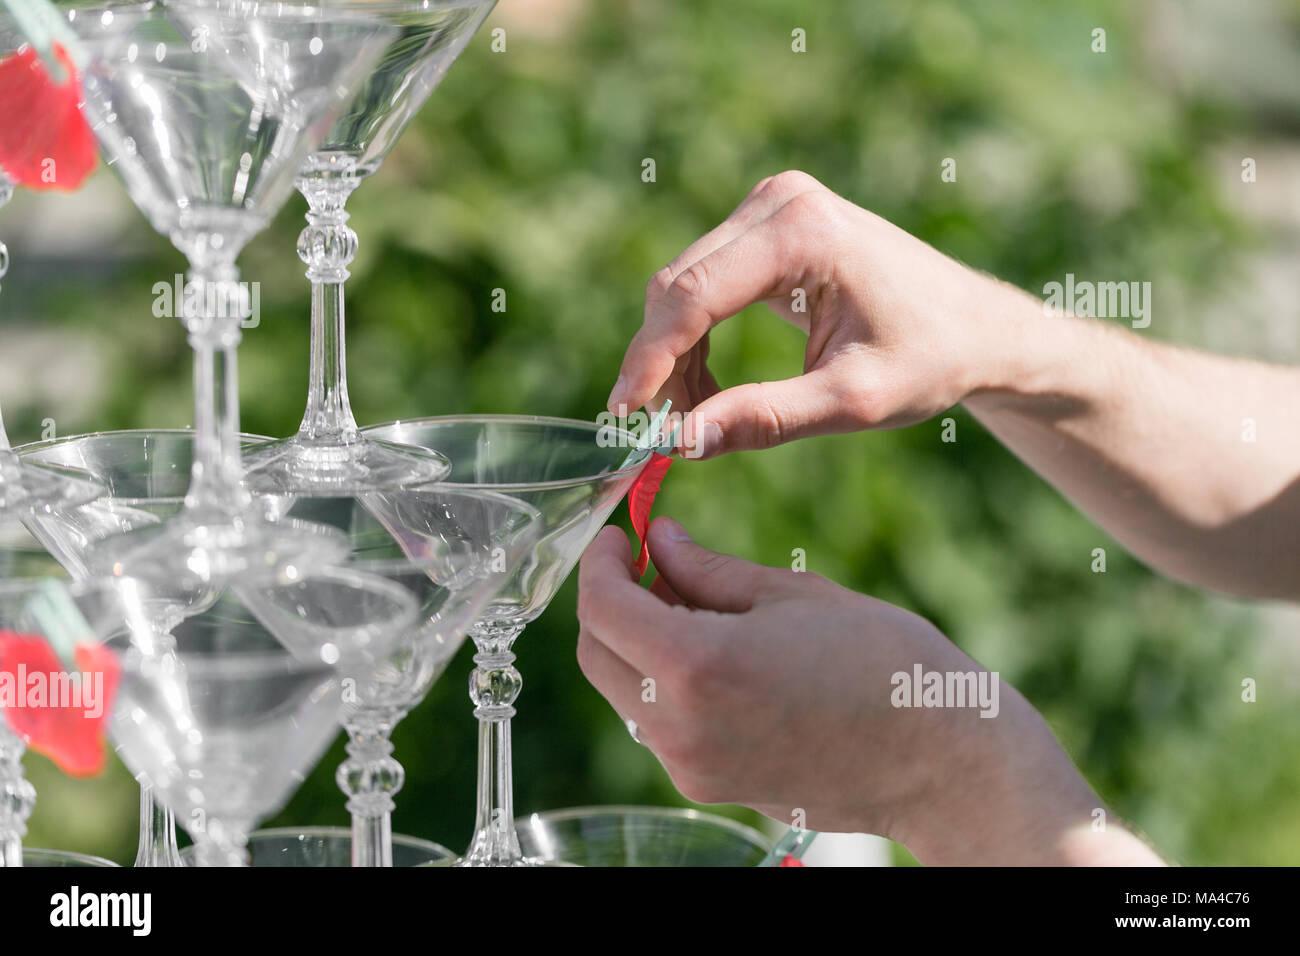 Mains d'un garçon qui fait de la pyramide des verres pour boissons, vin, champagne, ambiance de fête, de célébration Photo Stock